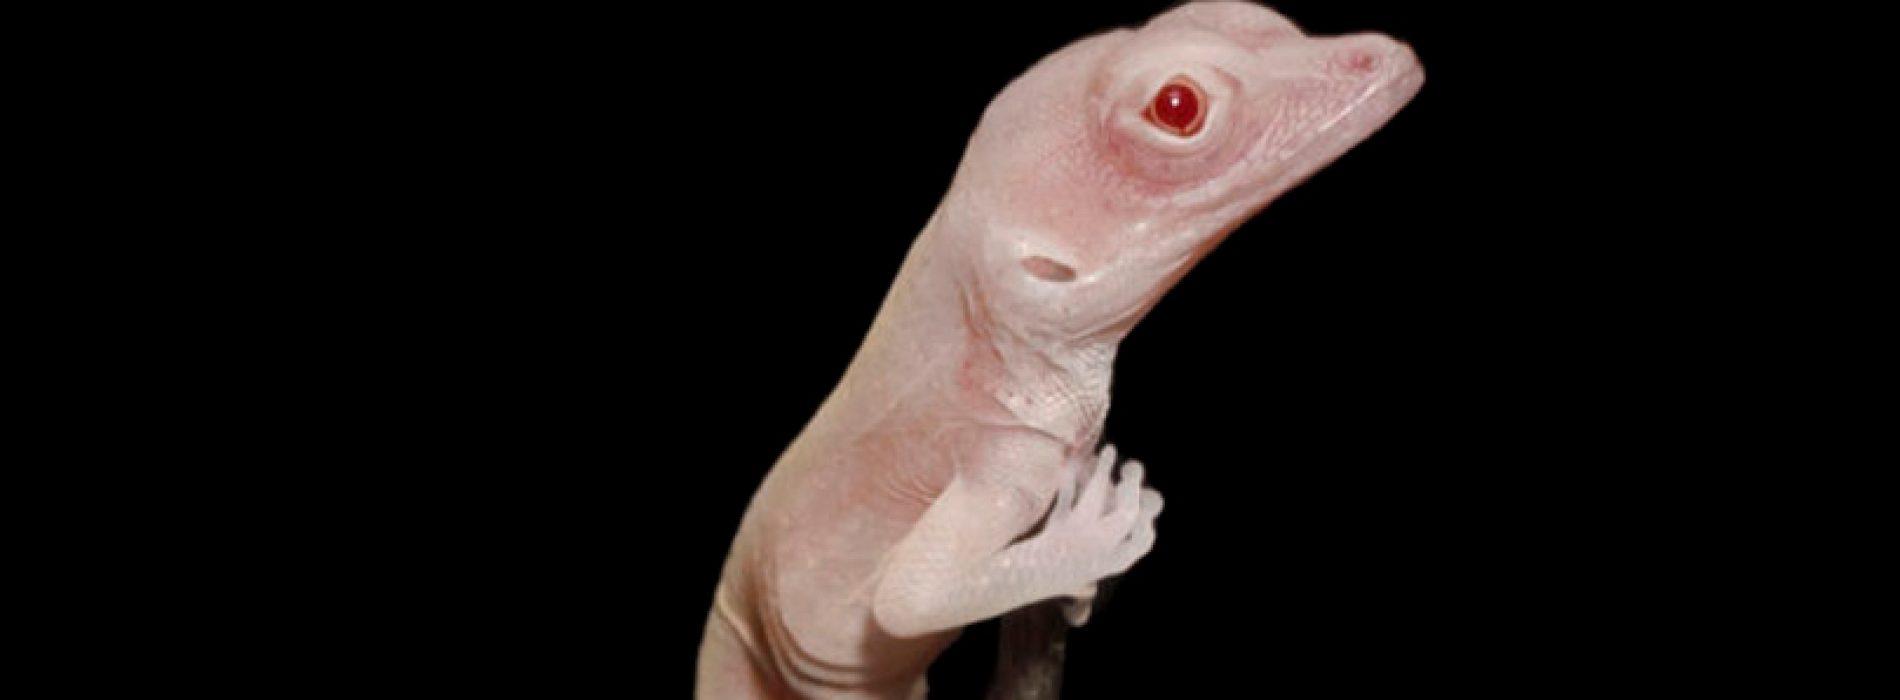 Científicos crean lagartijas albinas, primer reptil modificado genéticamente